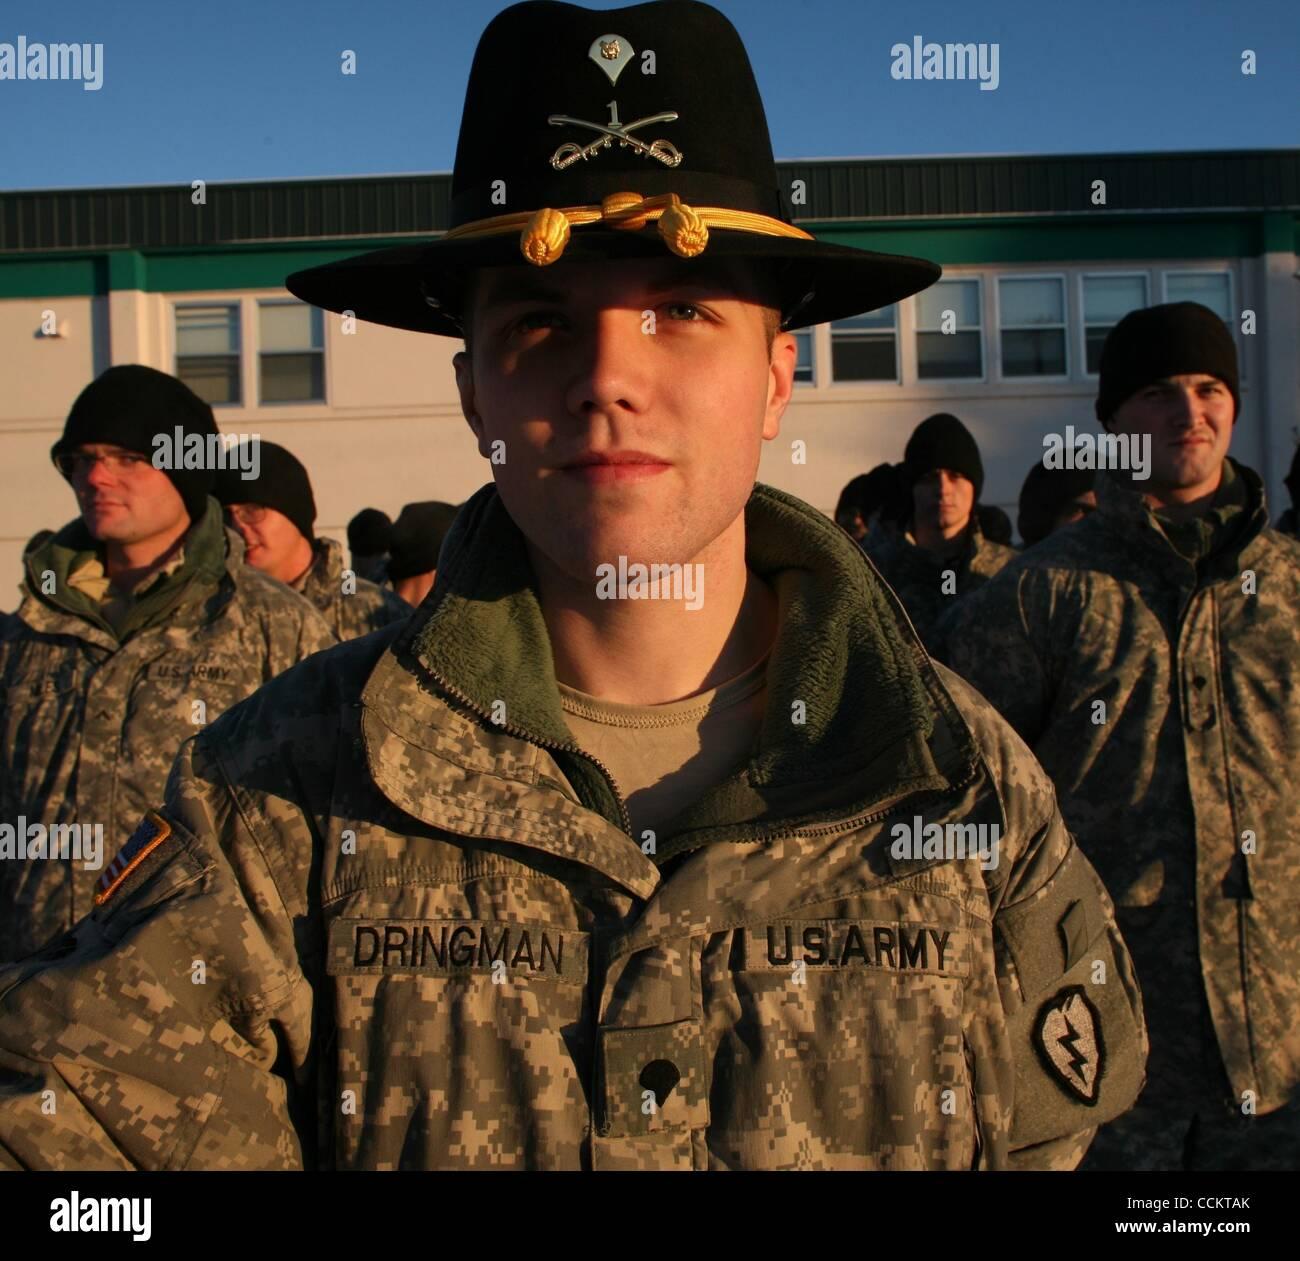 21b2193202243 ... U.S. - Specialist TRAVIS DRINGMAN